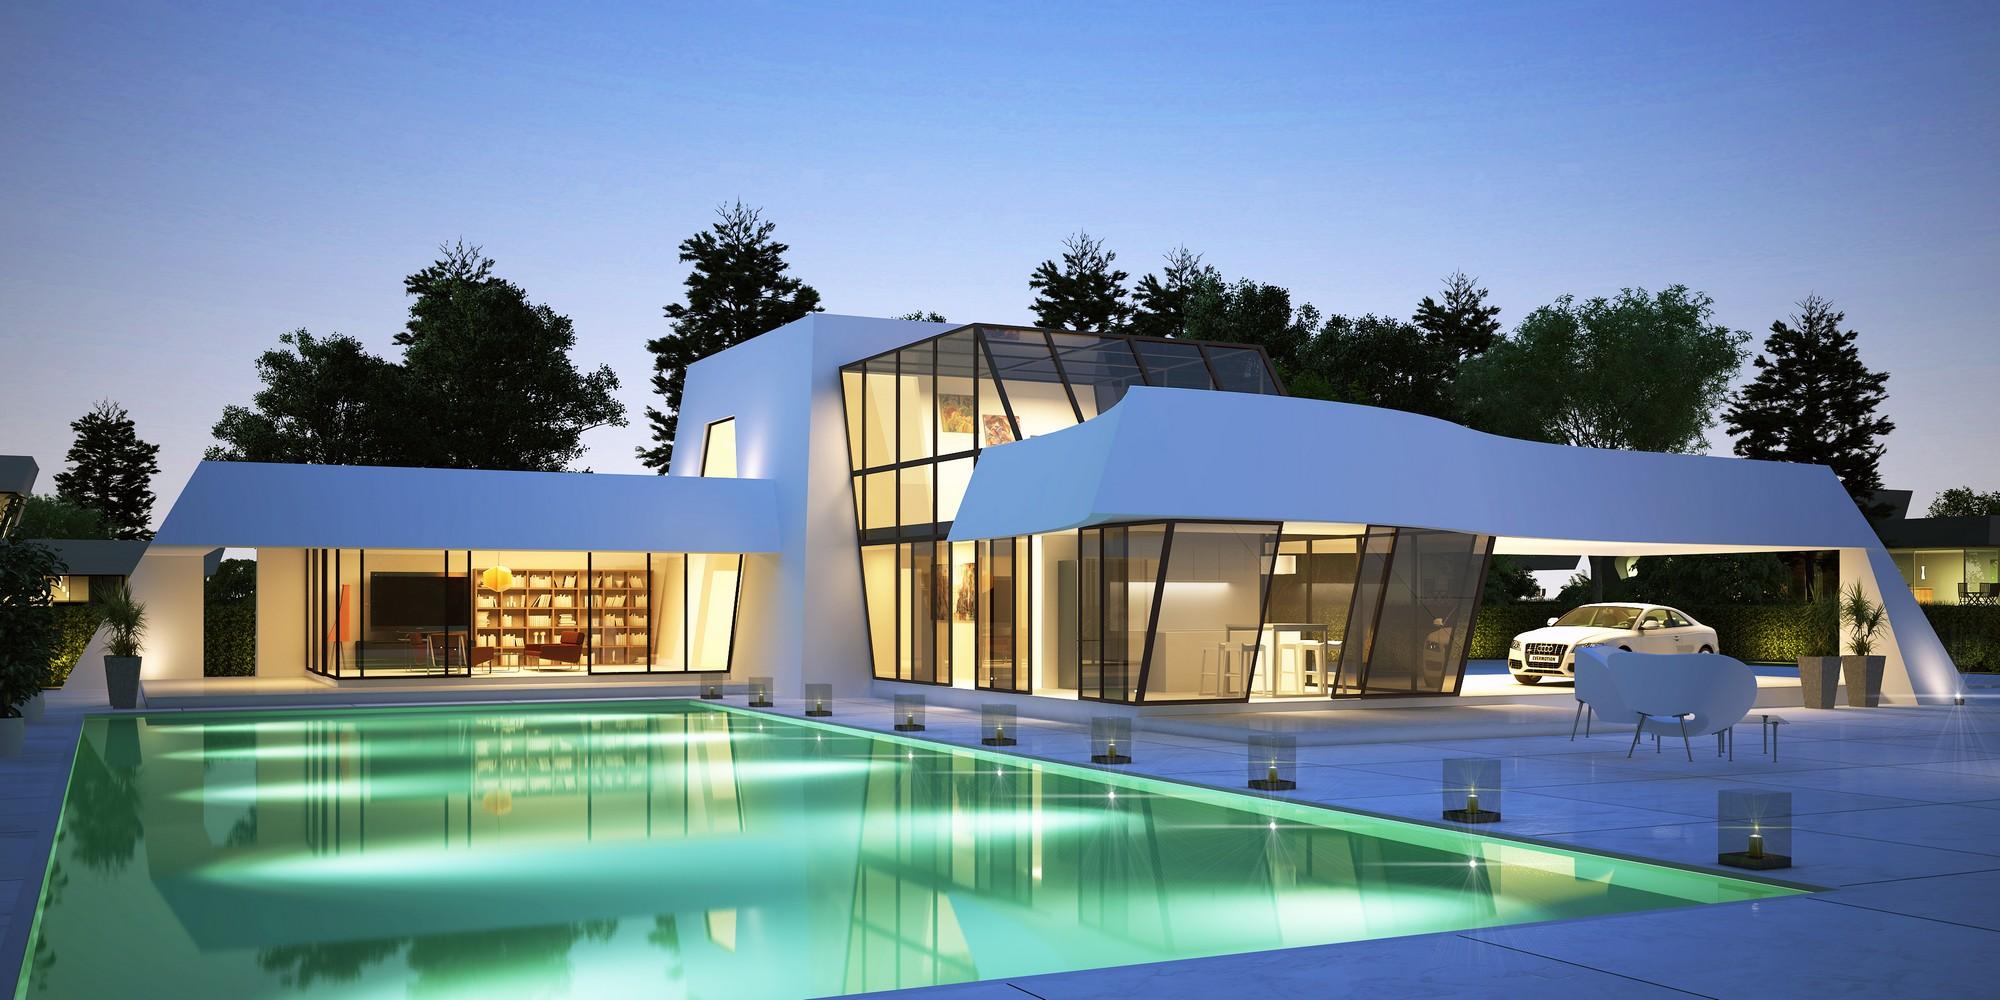 Casas de lujo que te dar n ideas para la reforma de tu piso for Piani del cortile con piscine